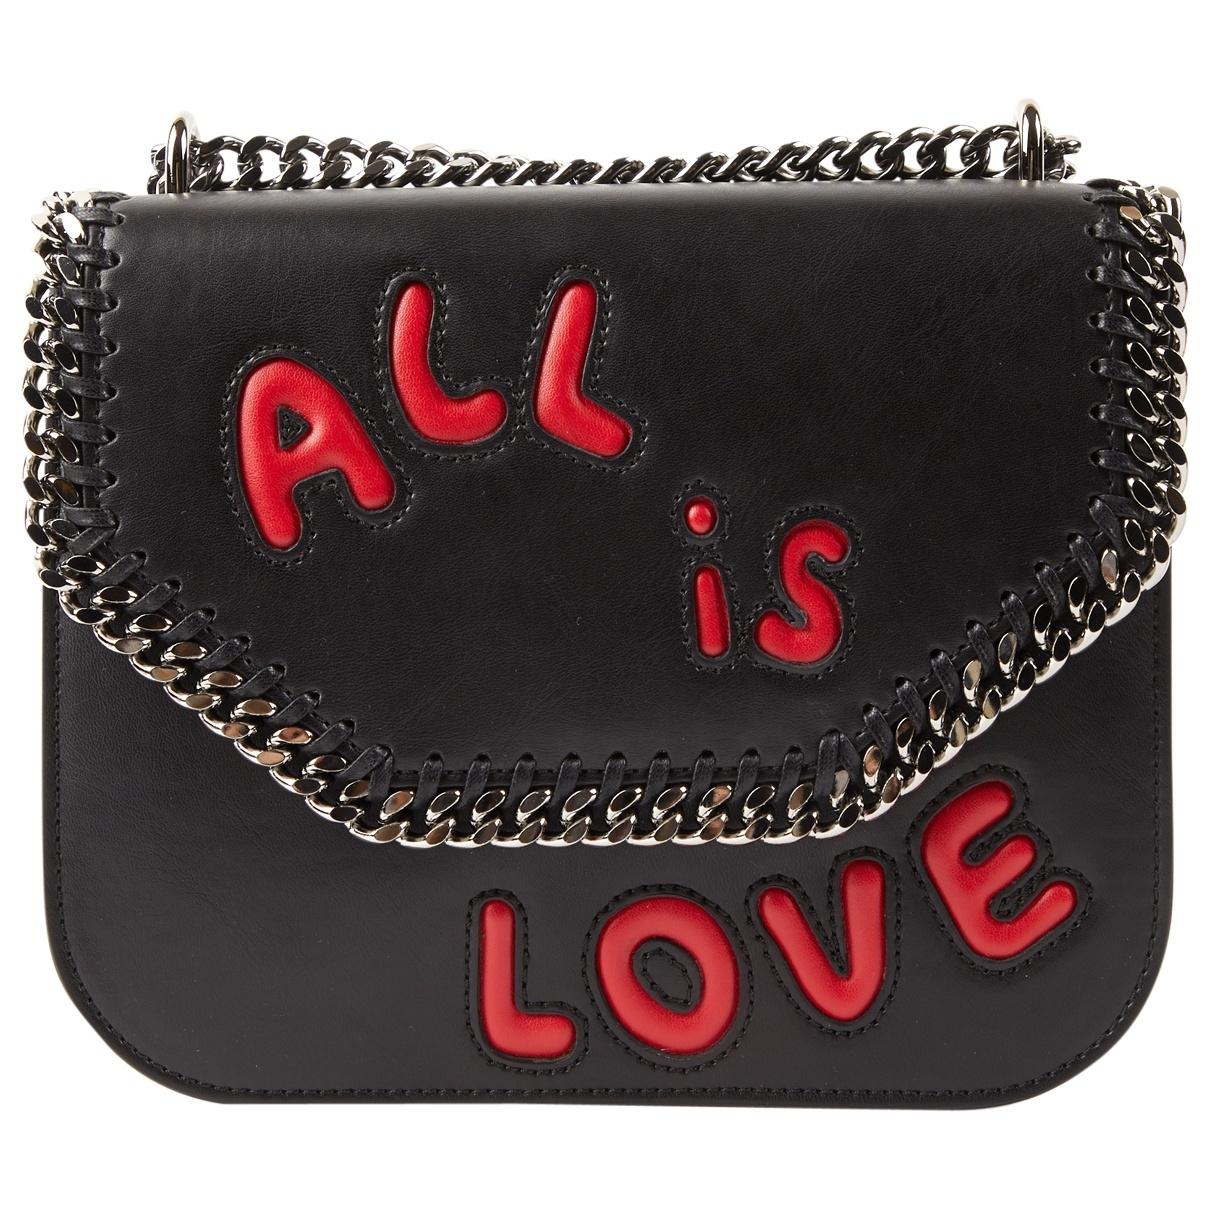 Stella Mccartney Falabella Box Handtasche in  Schwarz Leder